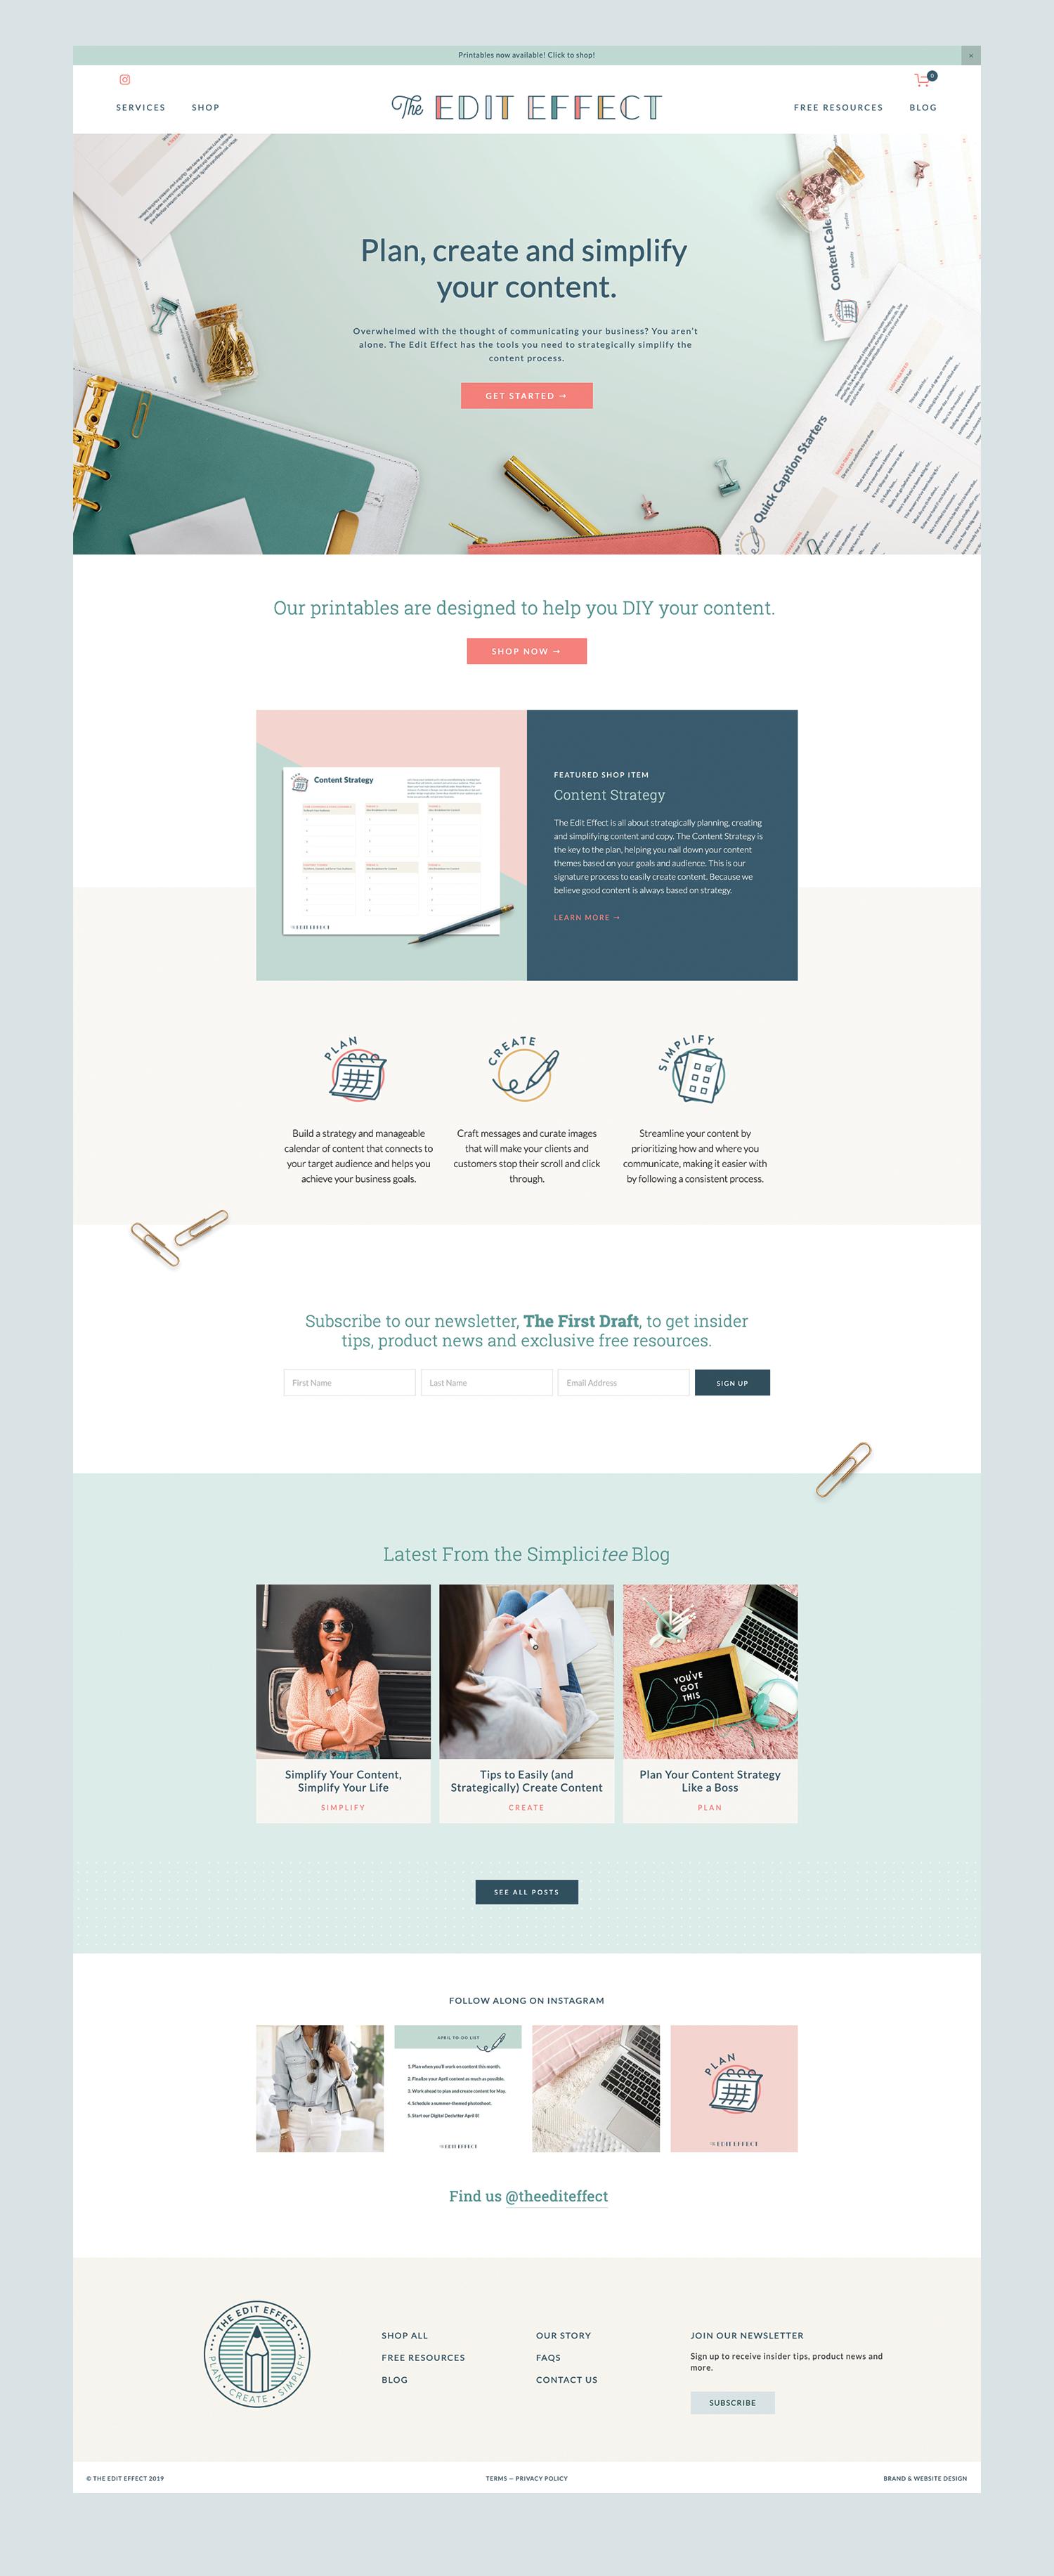 The Edit Effect Website Design by Meghan Lambert